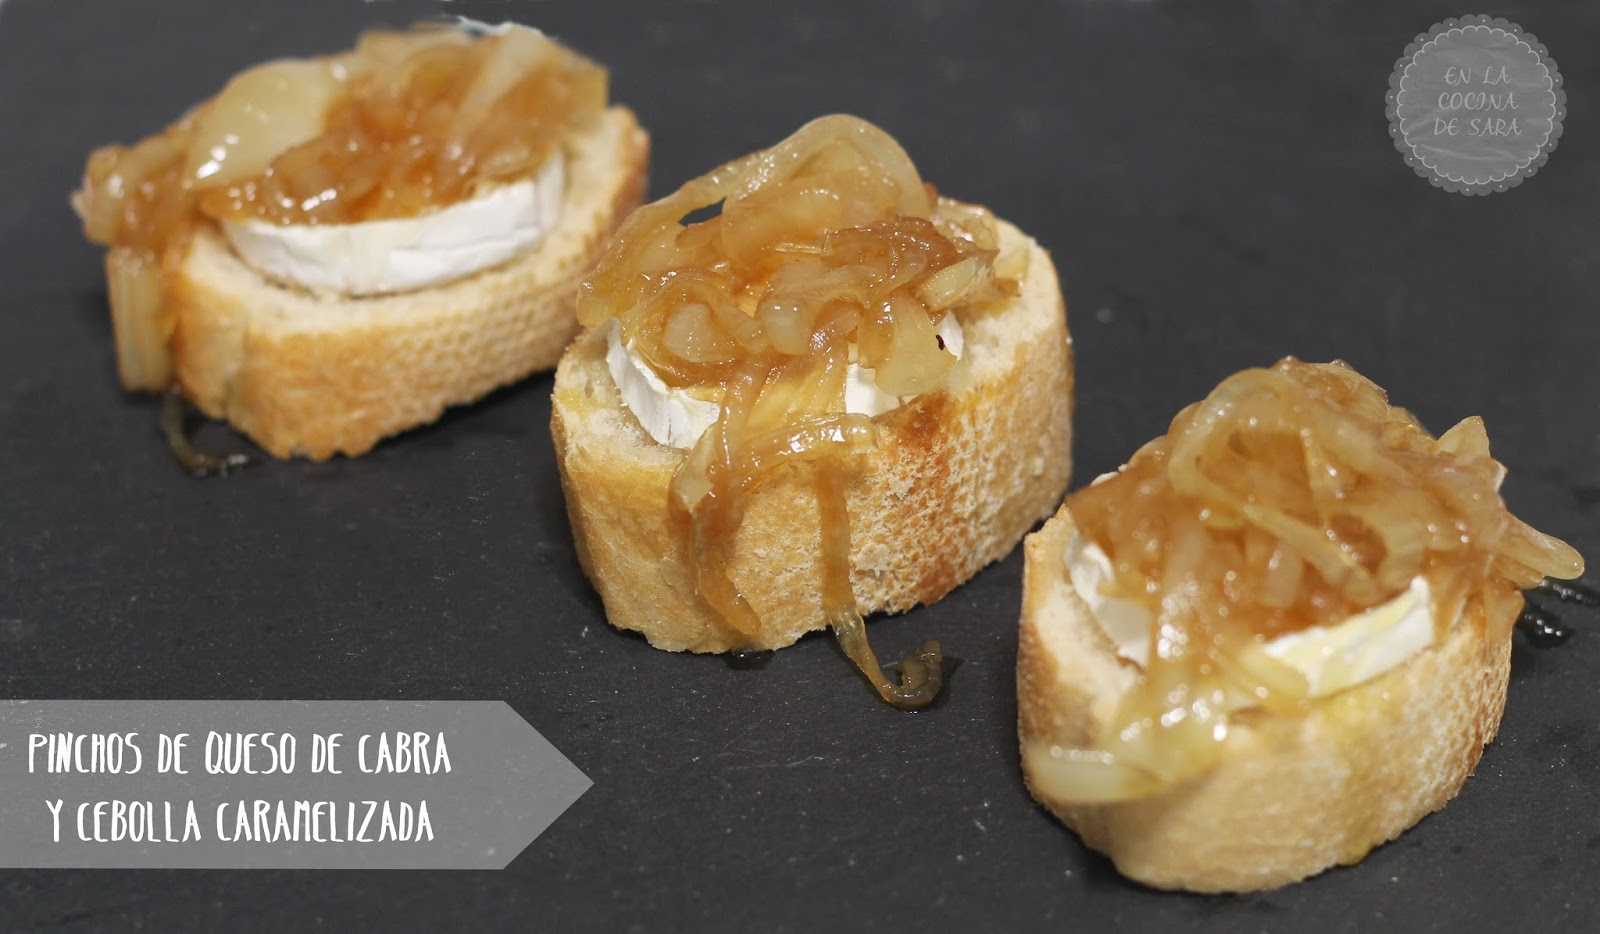 pinchos de queso de cabra